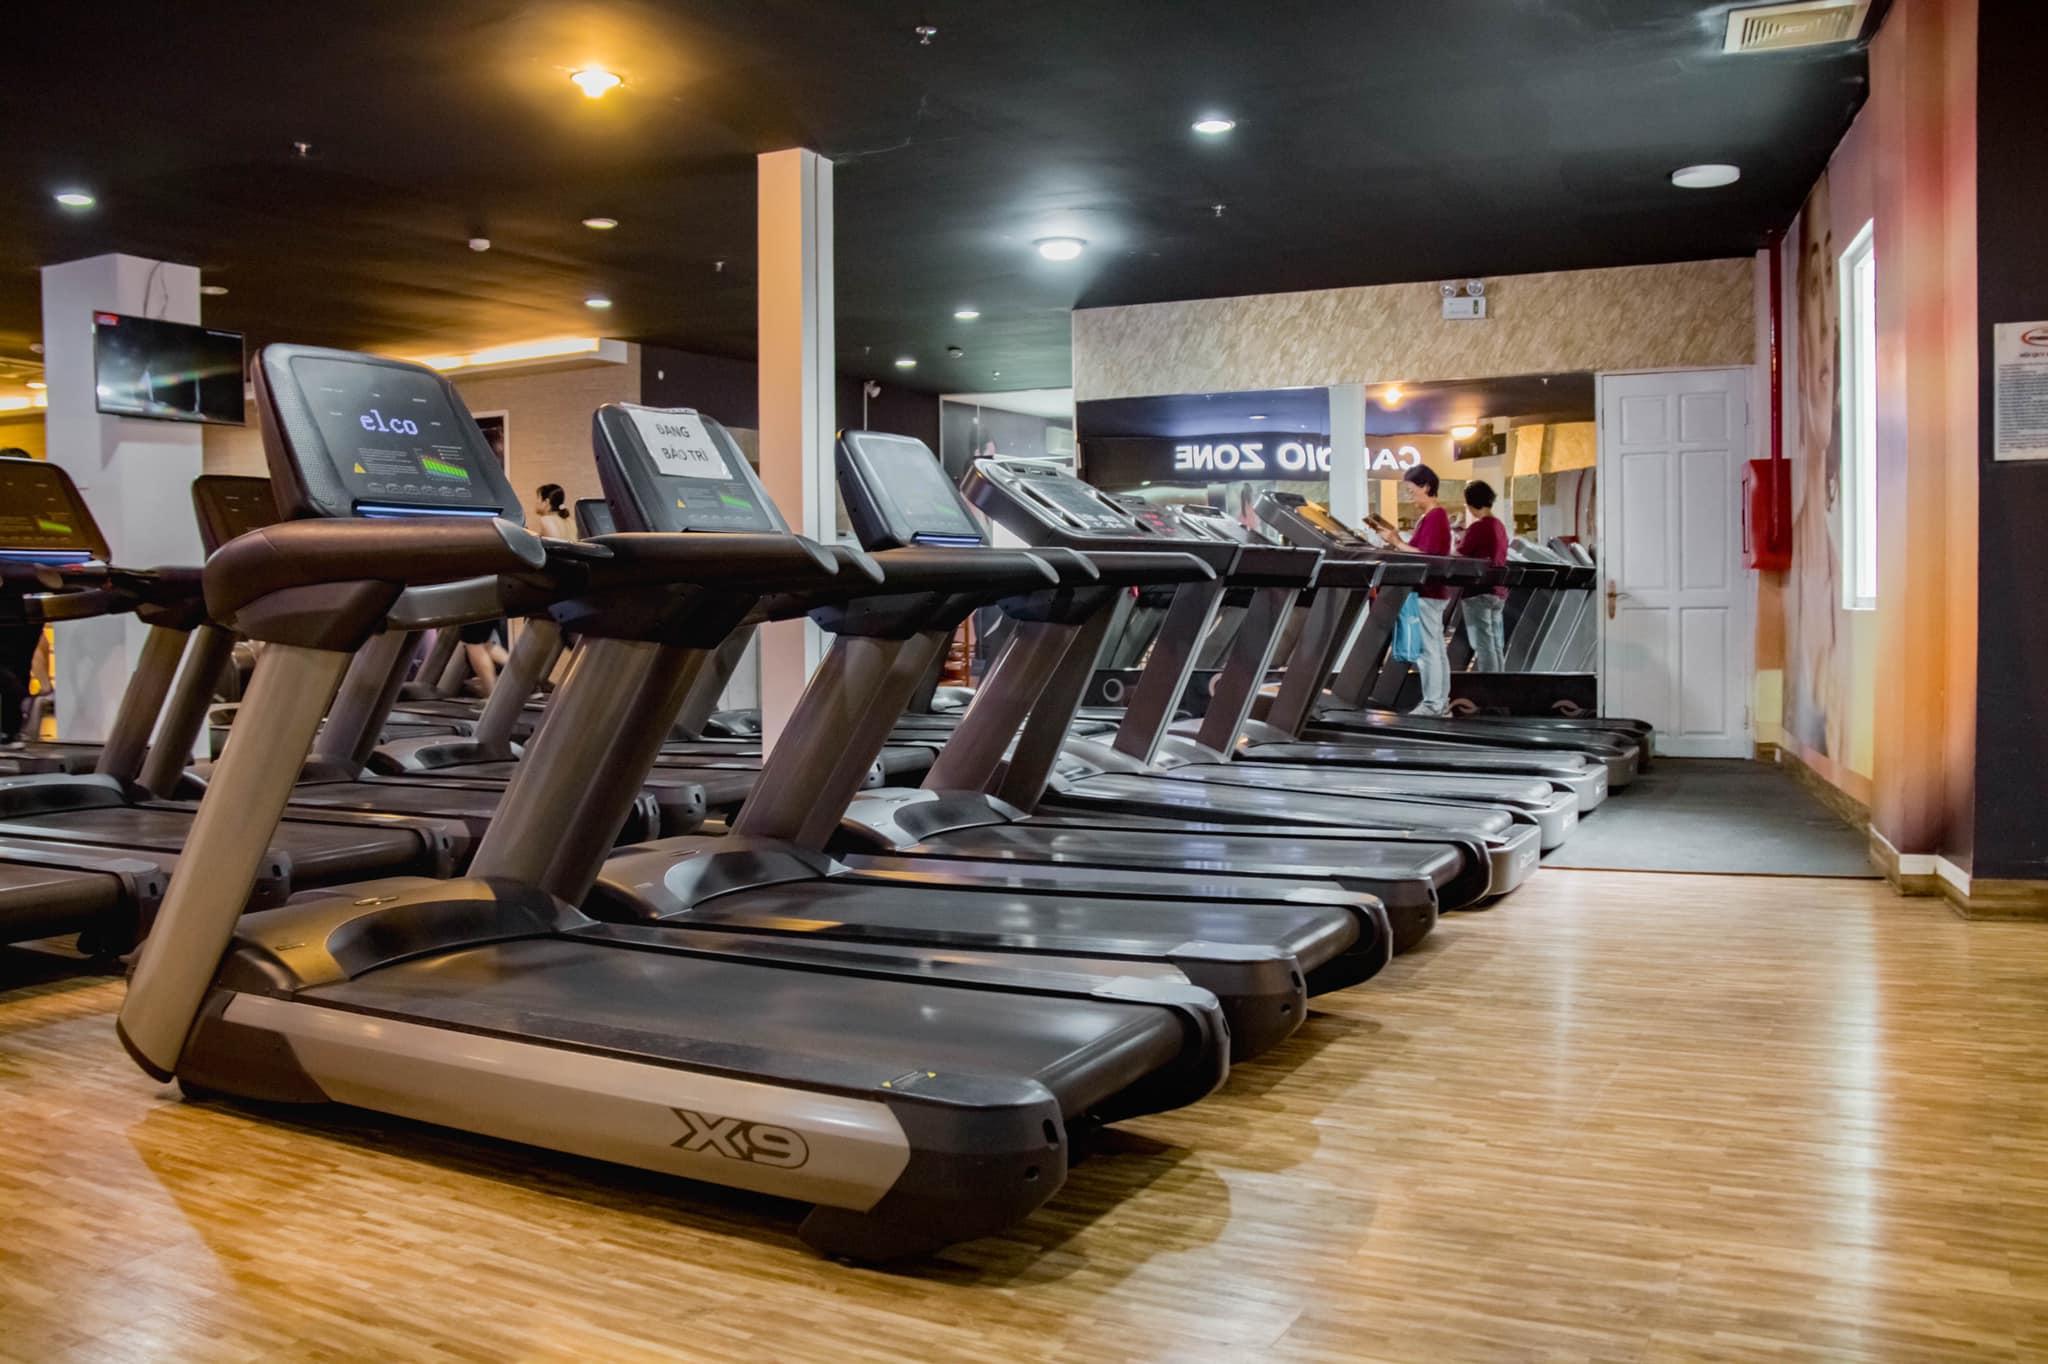 Những phòng tập gym quận 5 chất lượng tại thành phố Hồ Chí Minh 2